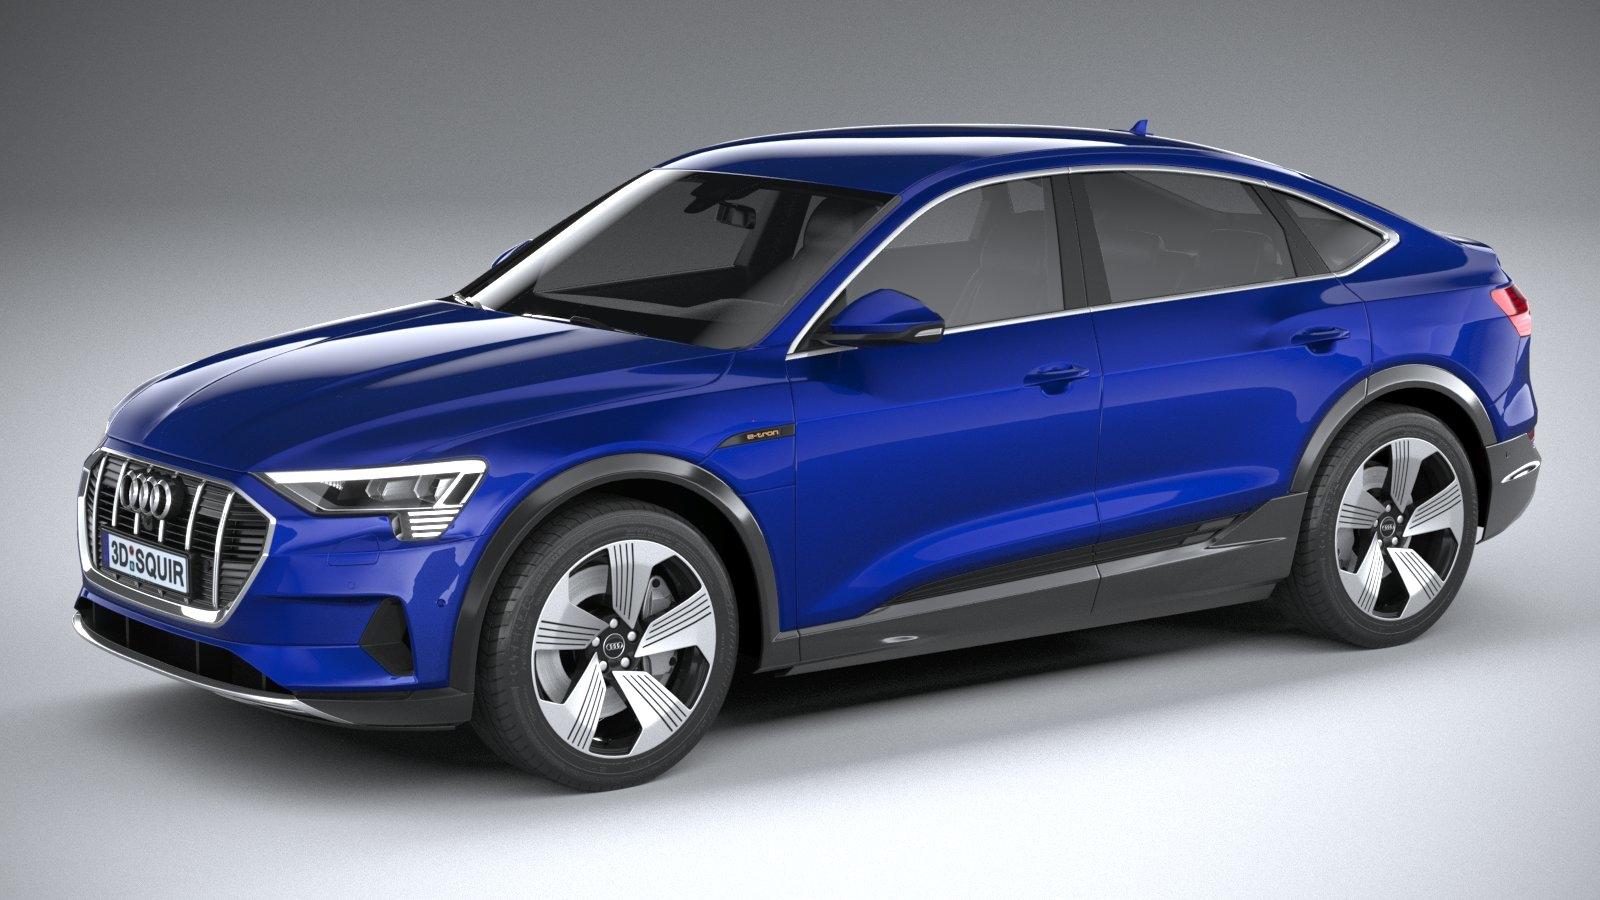 3D audi e-tron sportback model